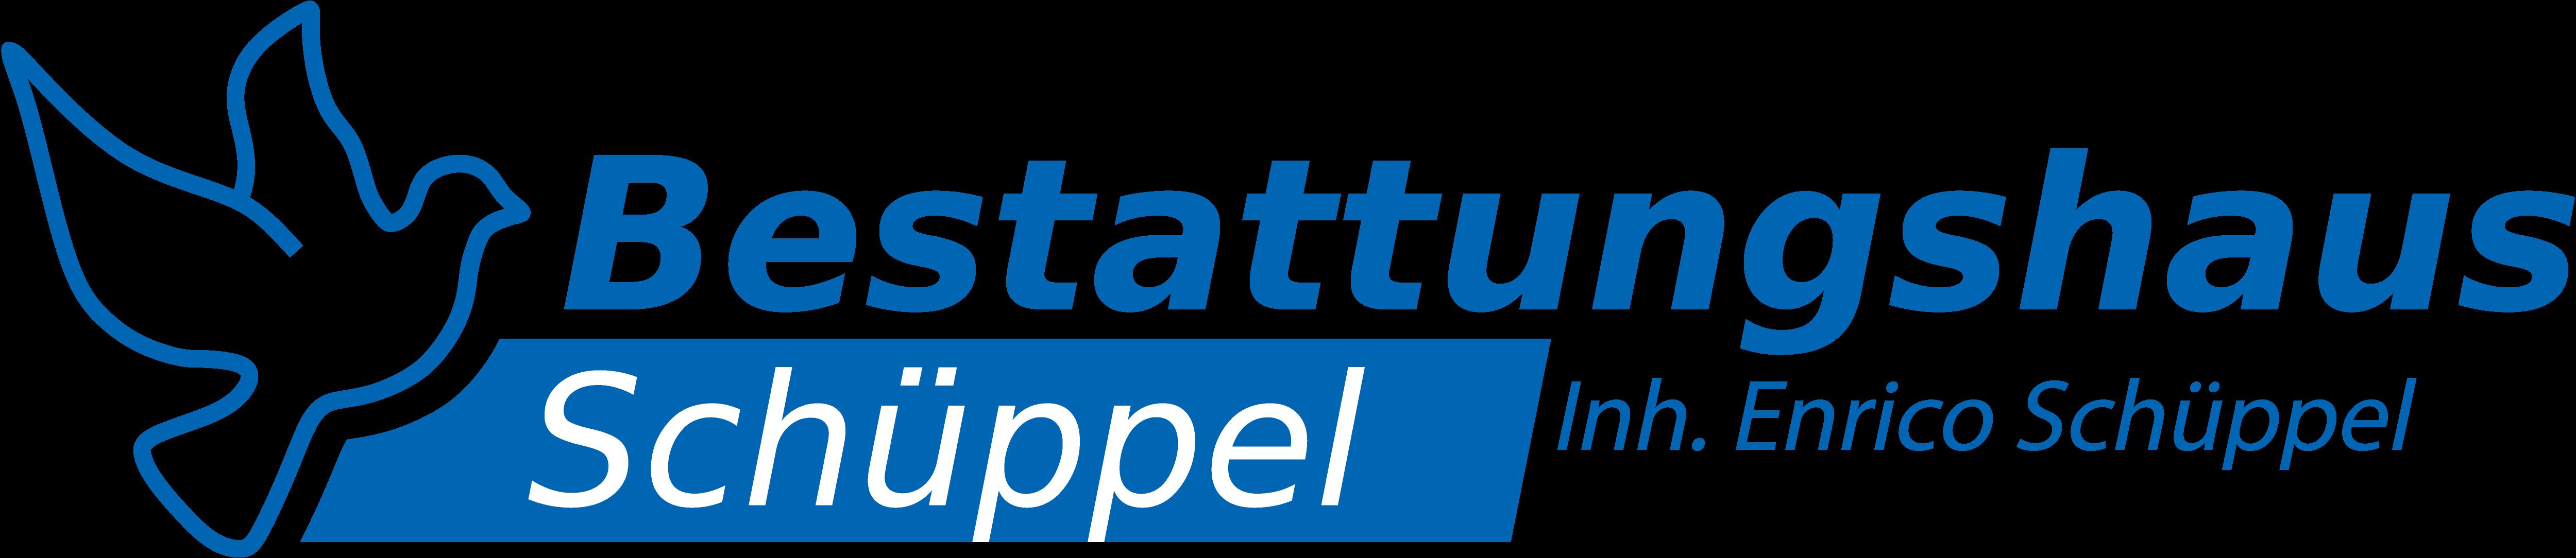 Bestattungshaus Schüppel